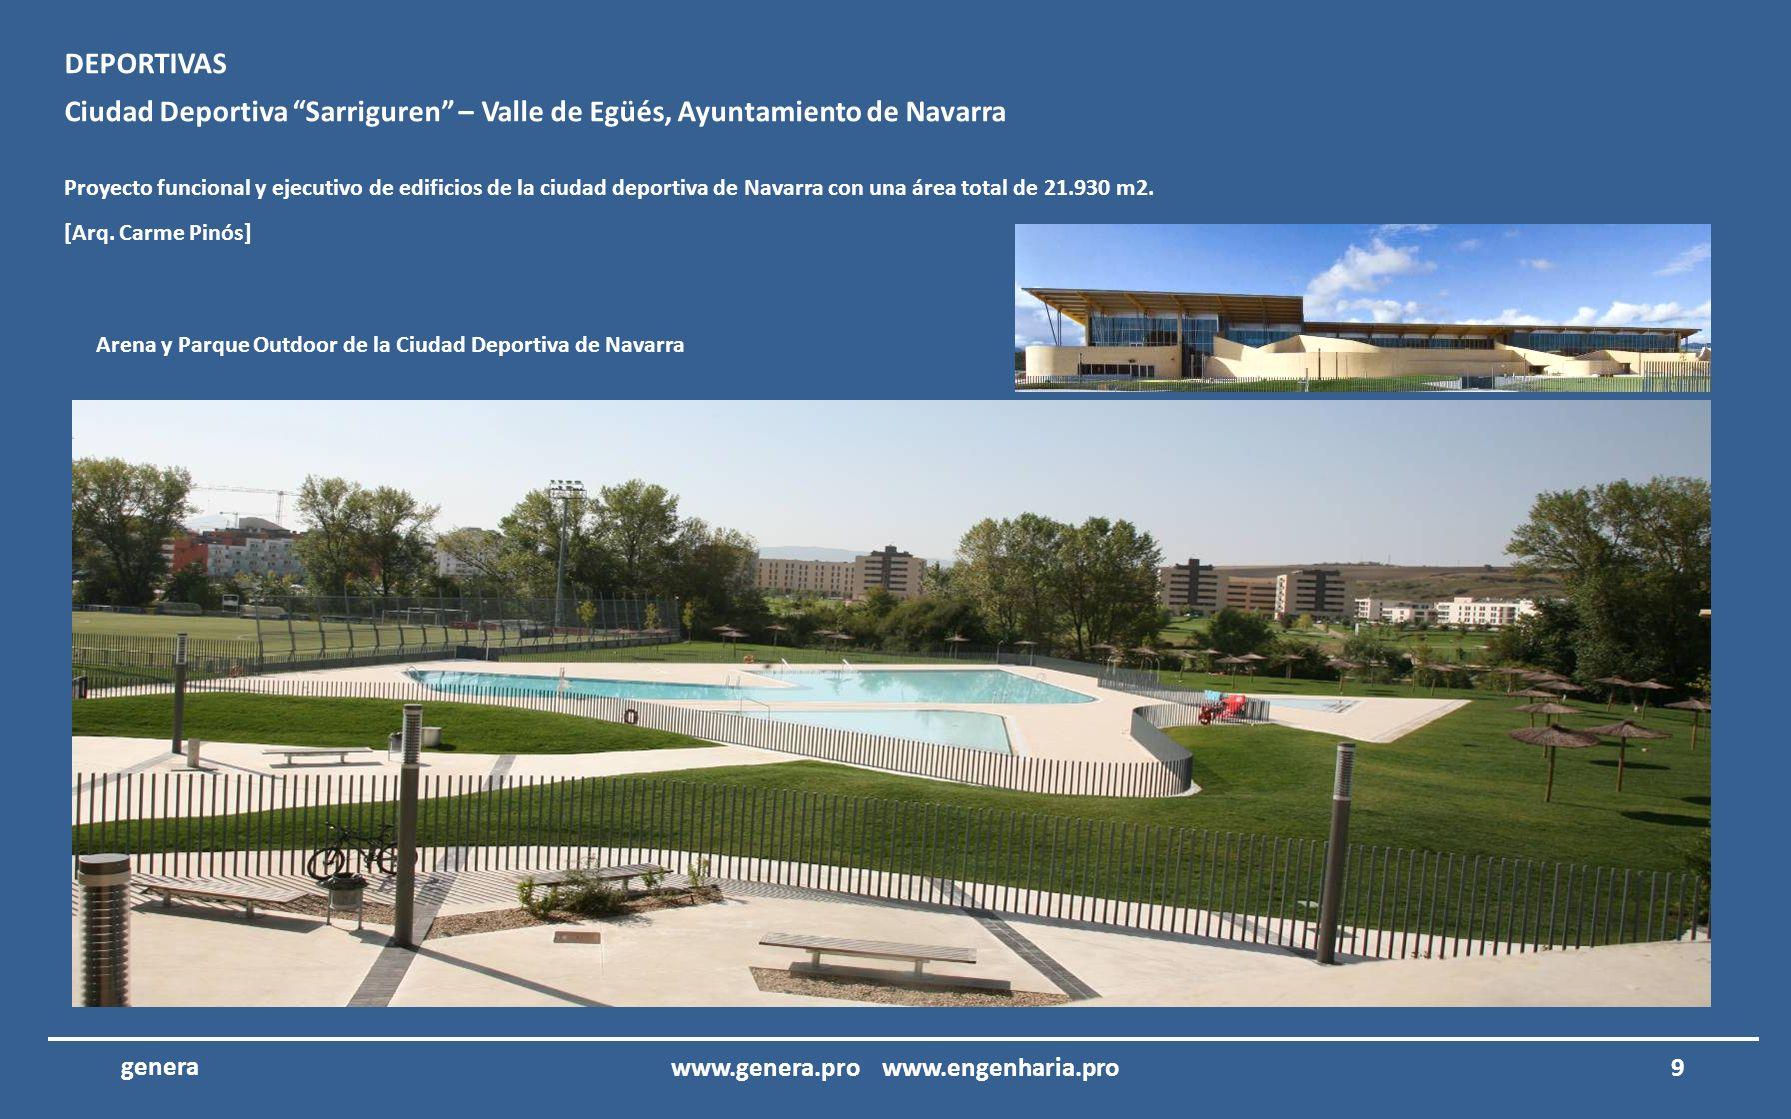 Se presentan de seguida el portfólio de proyectos de arquitectura y ingeniería de la Genera 8 genera www.genera.pro www.engenharia.pro